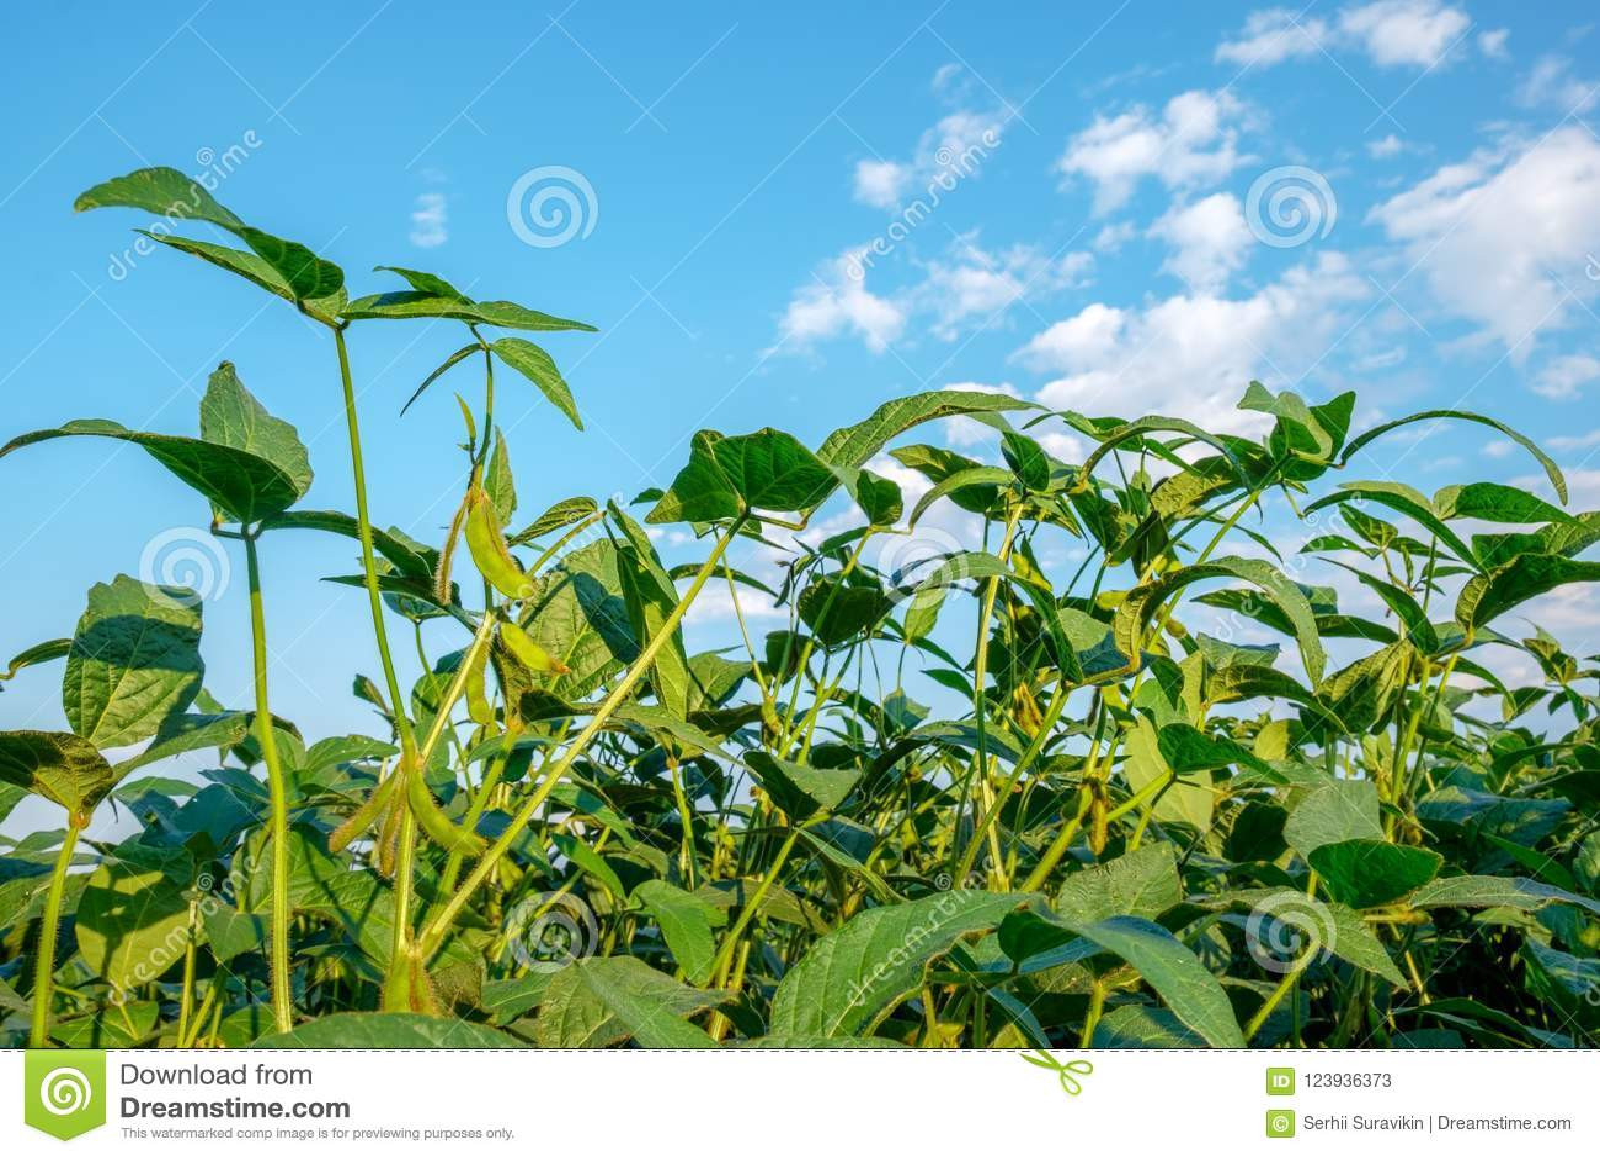 年轻生长大豆词根反对蓝天的